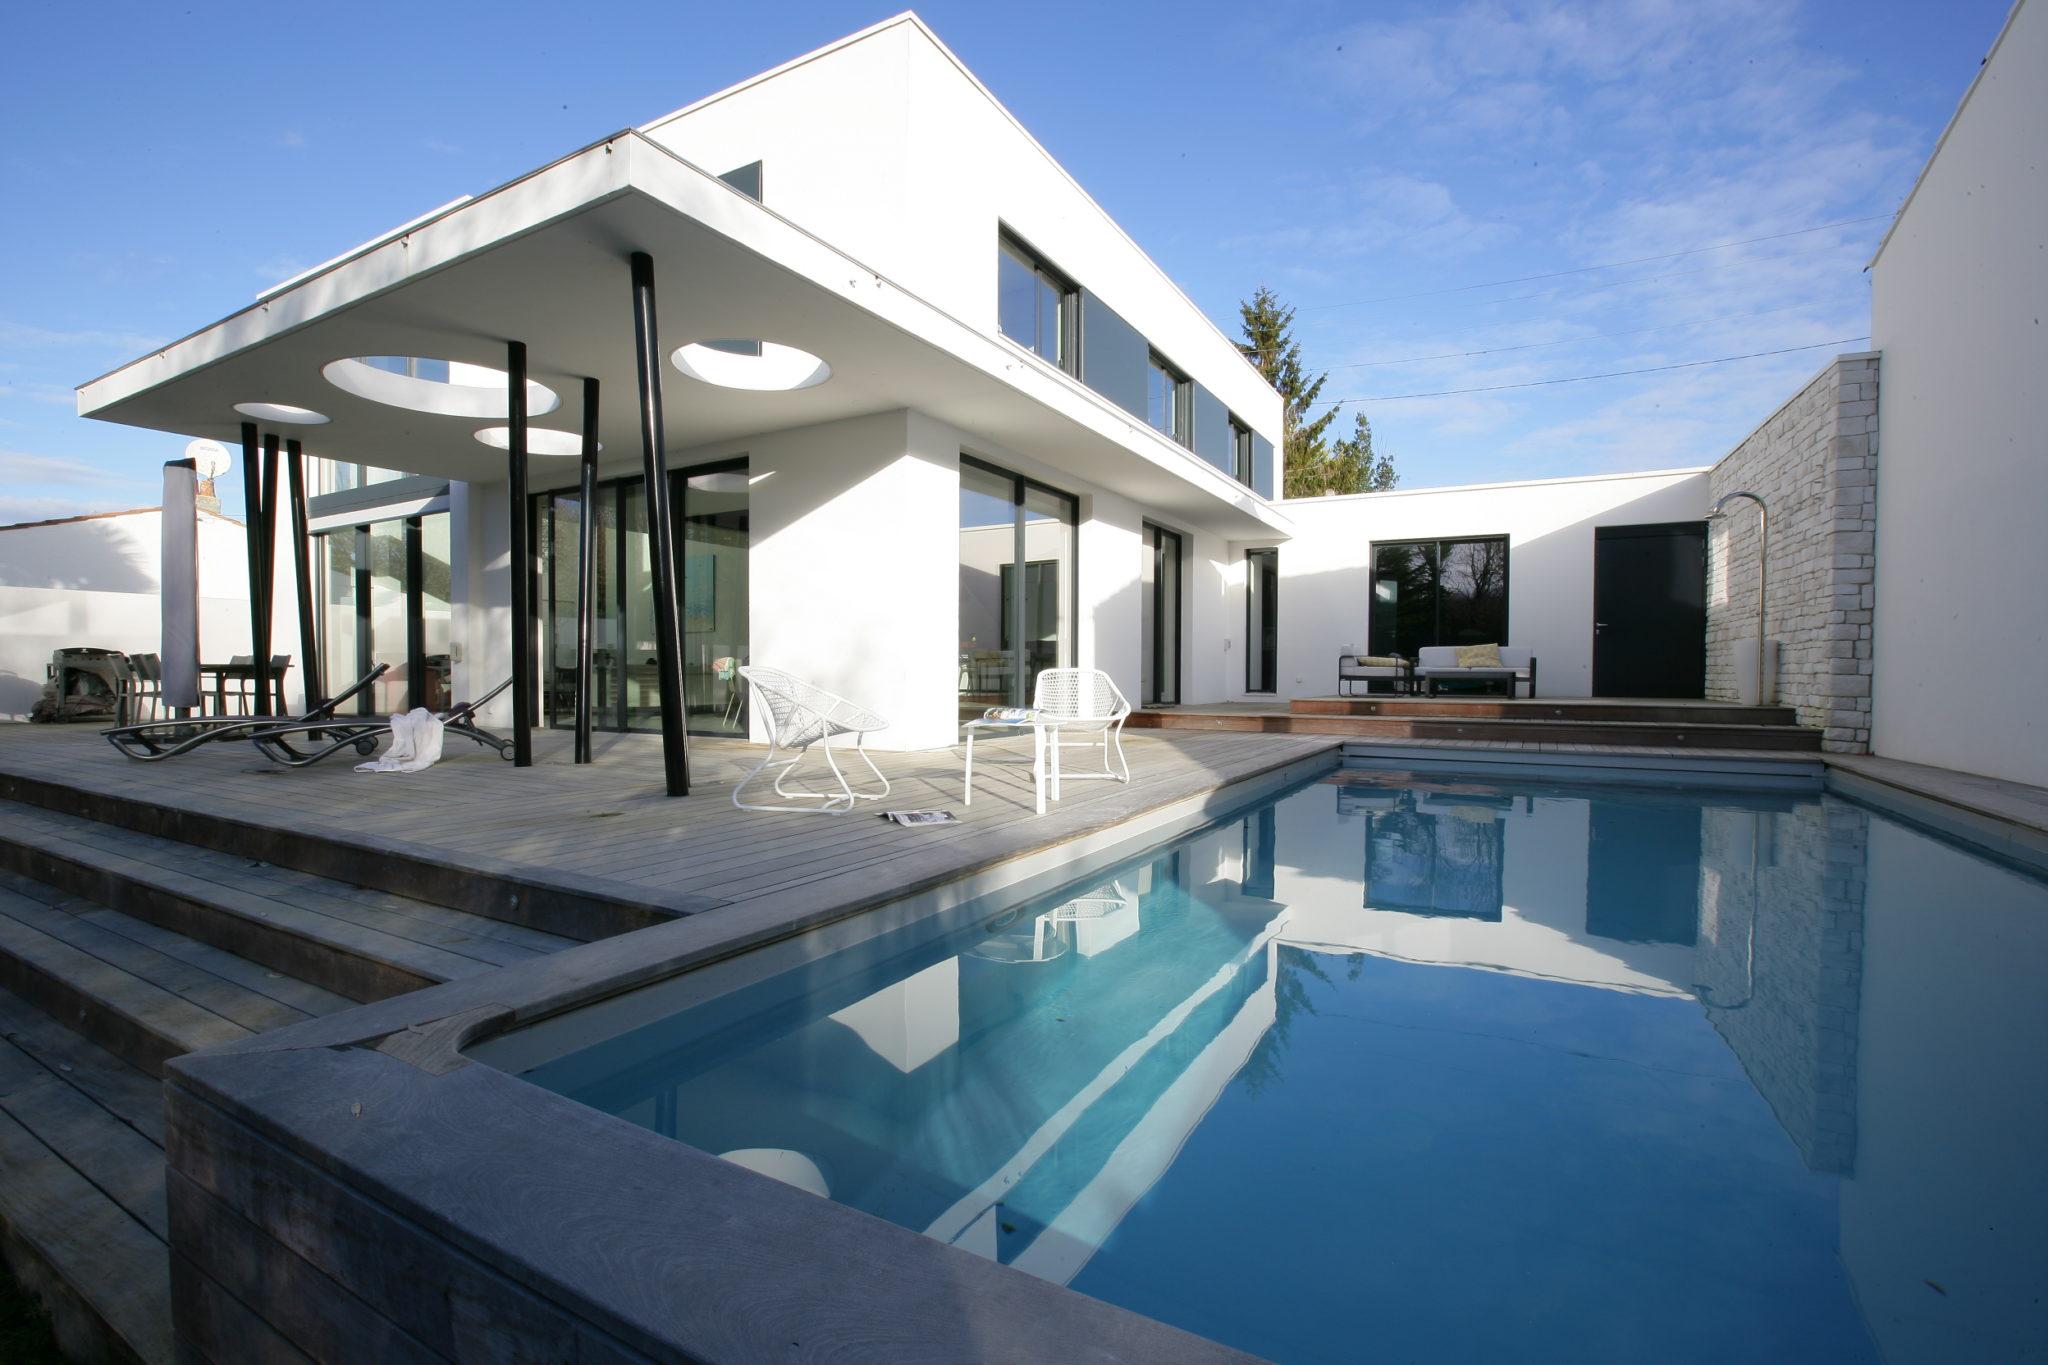 maison la rochelle 20 agence d 39 architecte. Black Bedroom Furniture Sets. Home Design Ideas